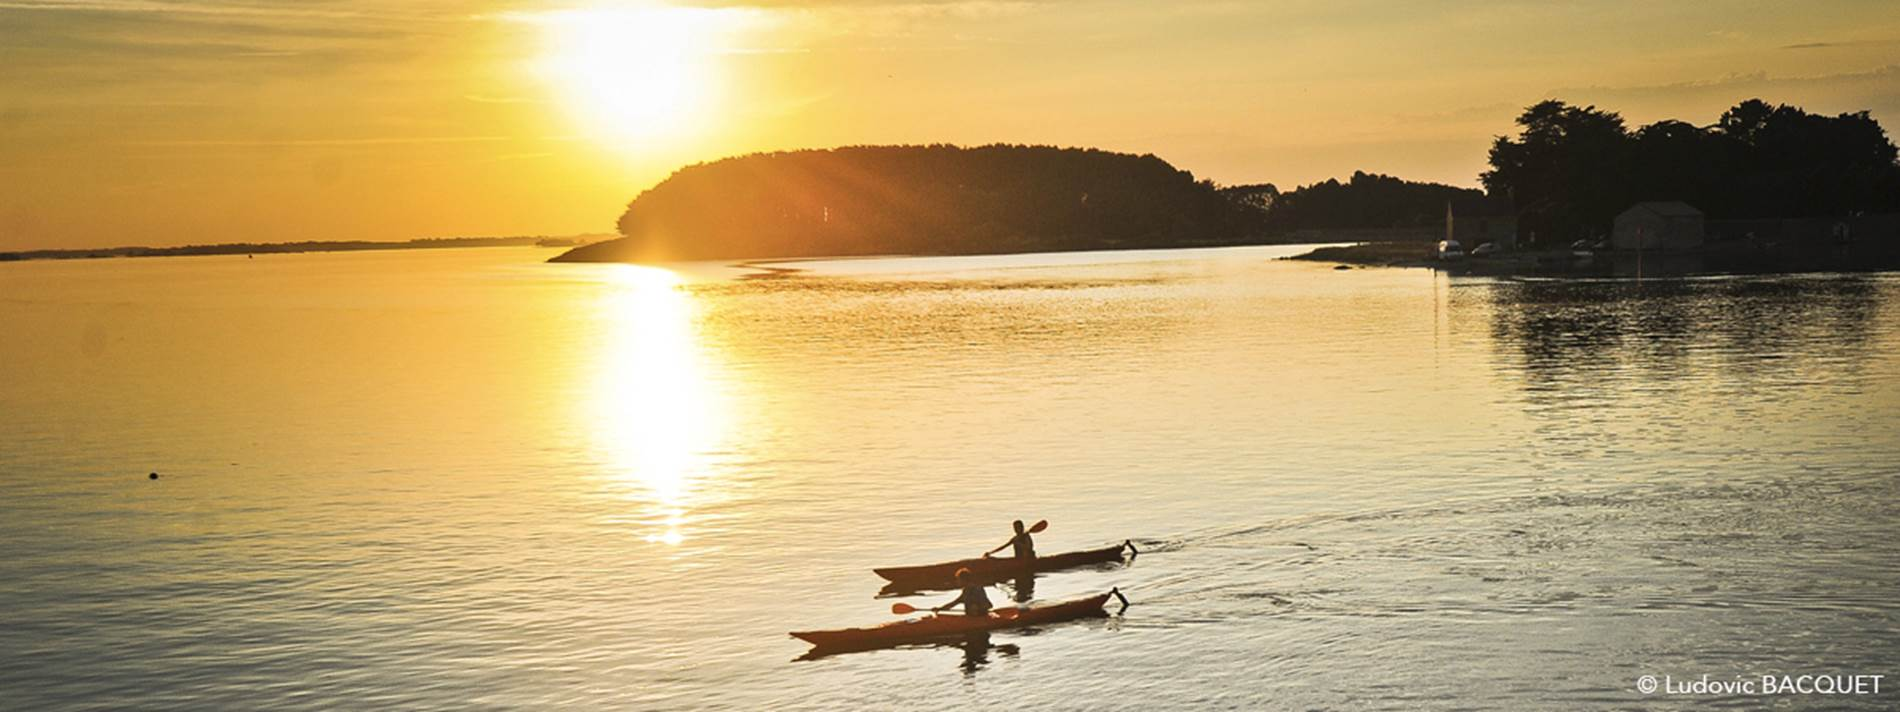 kayak-couche-soleil-golfe-morbihan copie ©